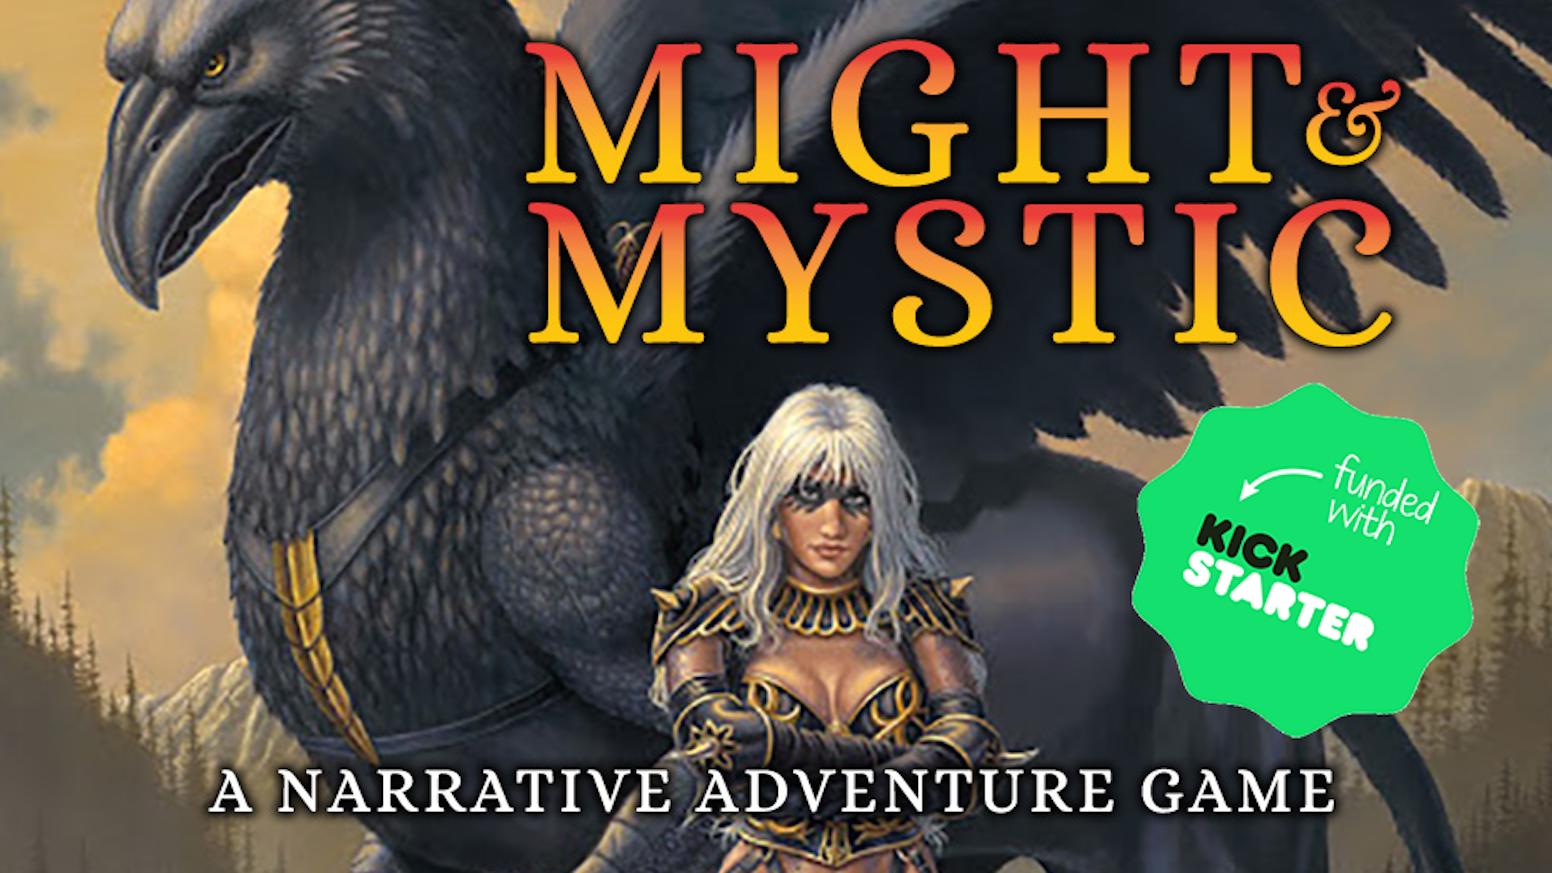 A Narrative Adventure Game